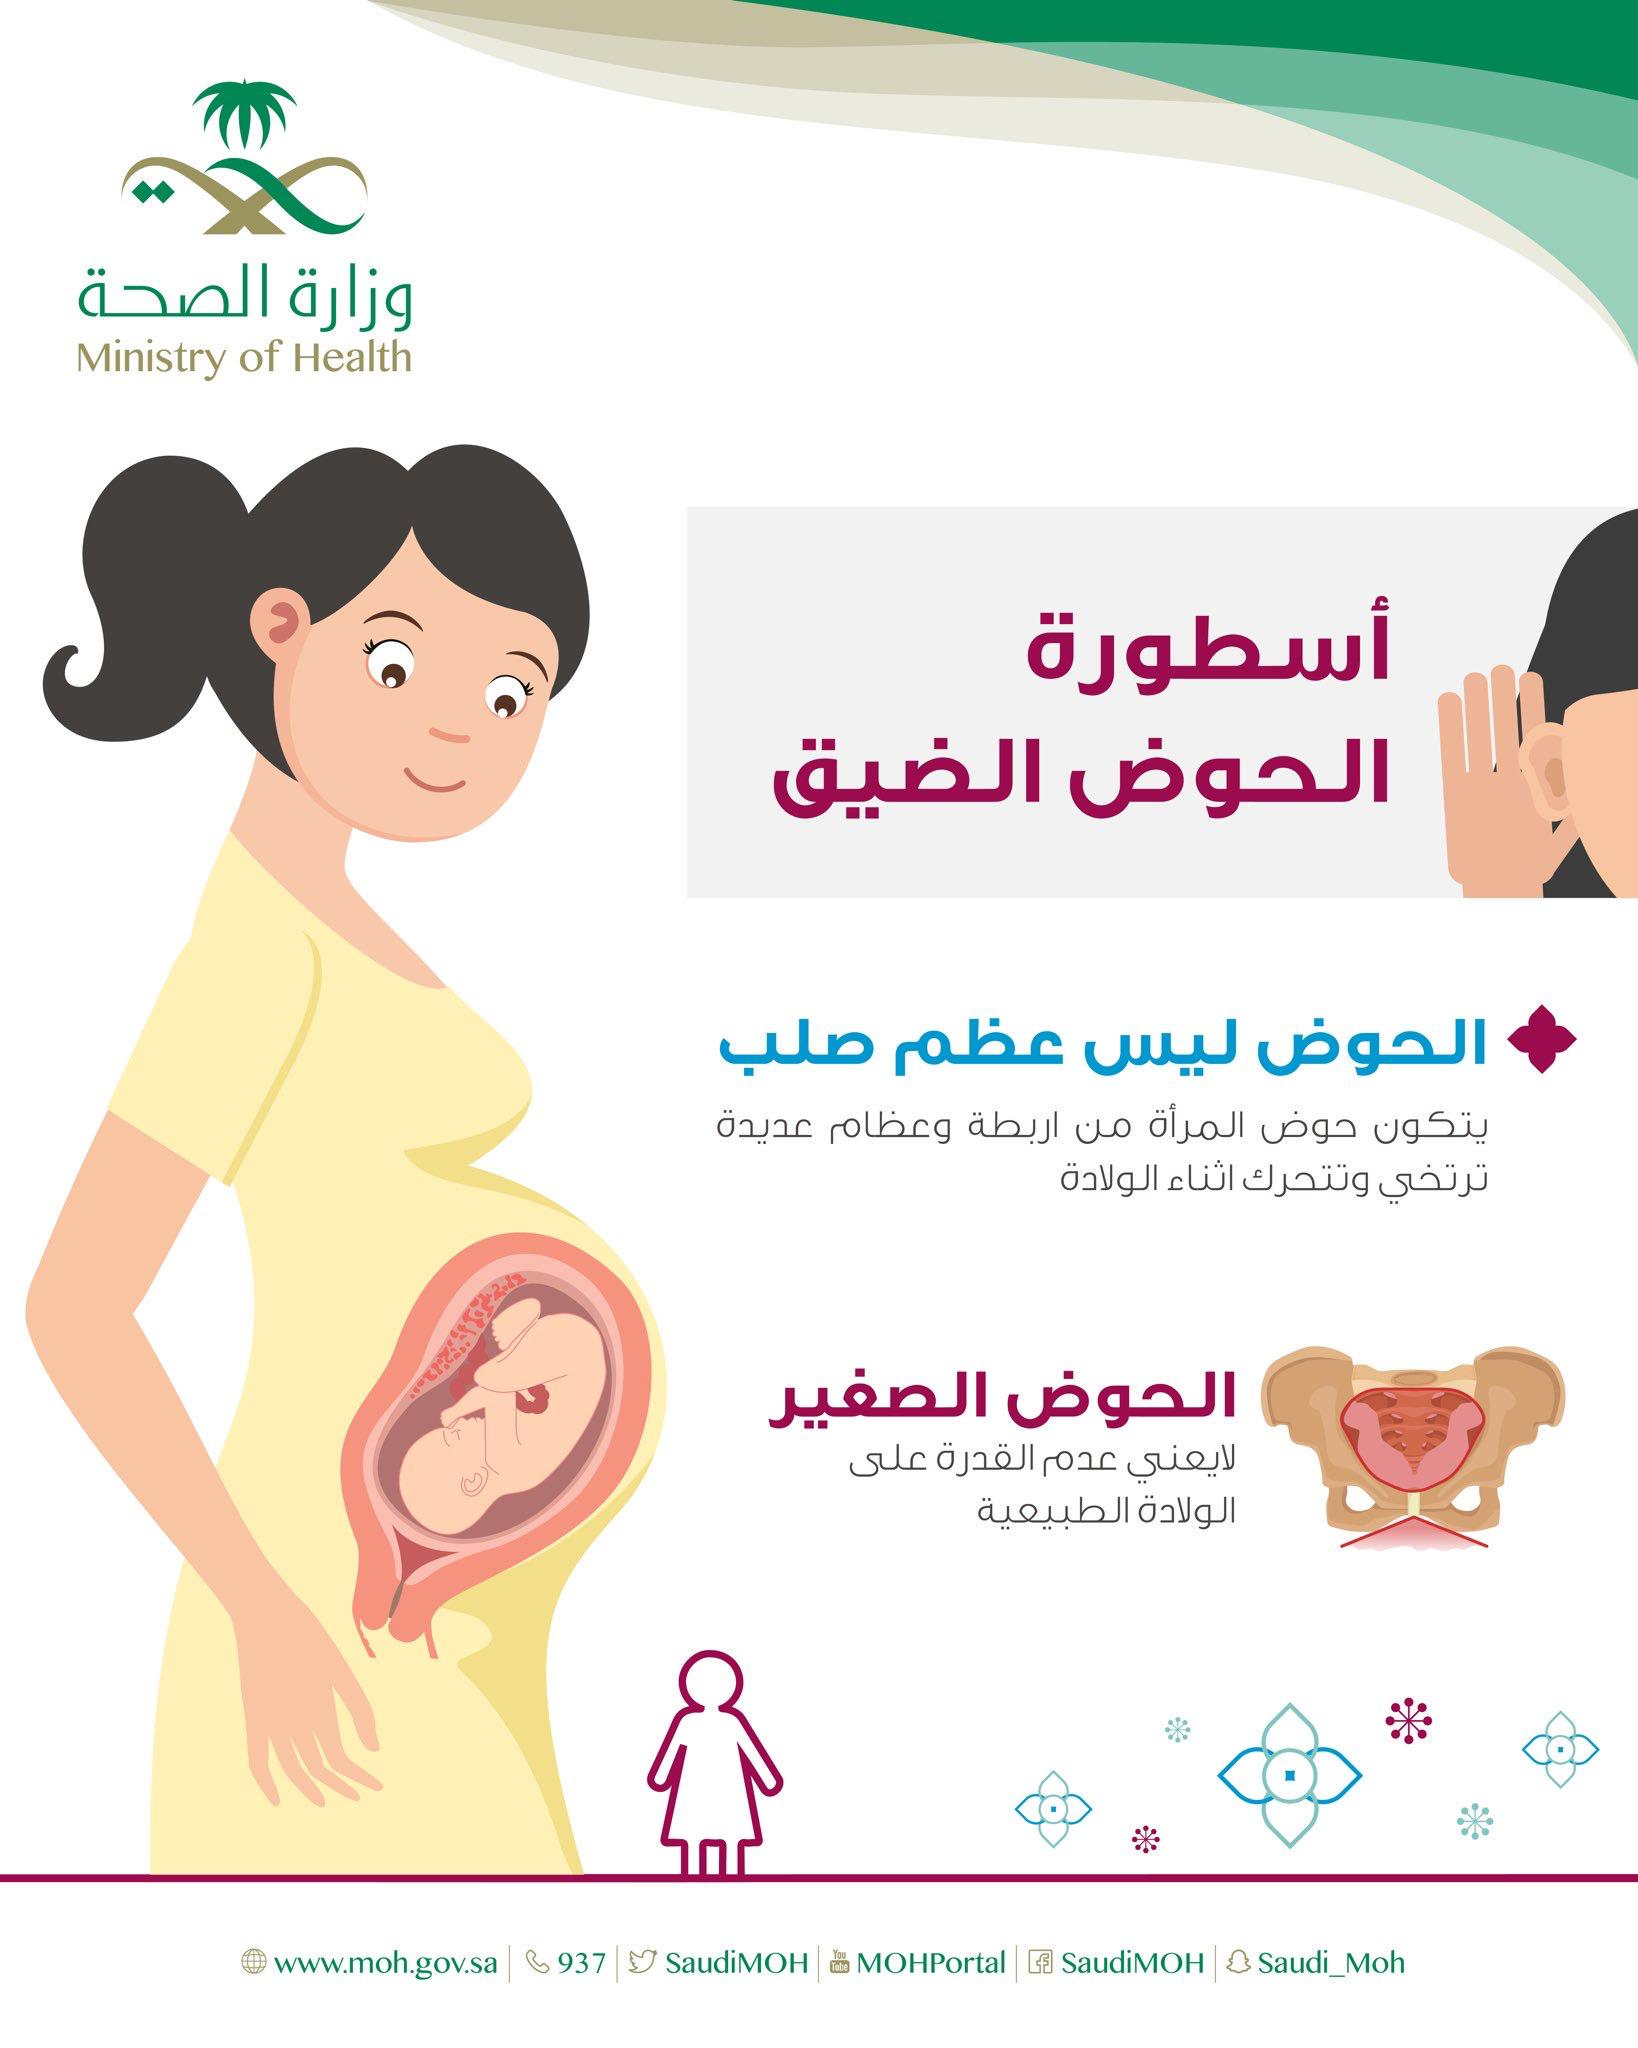 الحمل الحمل والولادة الحمل بولد الحمل التوأمي الحمل و الرضاعة الحمل ببنت الحمل مراحل الحمل والولادة الحمل بتوأم الحمل بولد الحمل Ig Story Health Stories